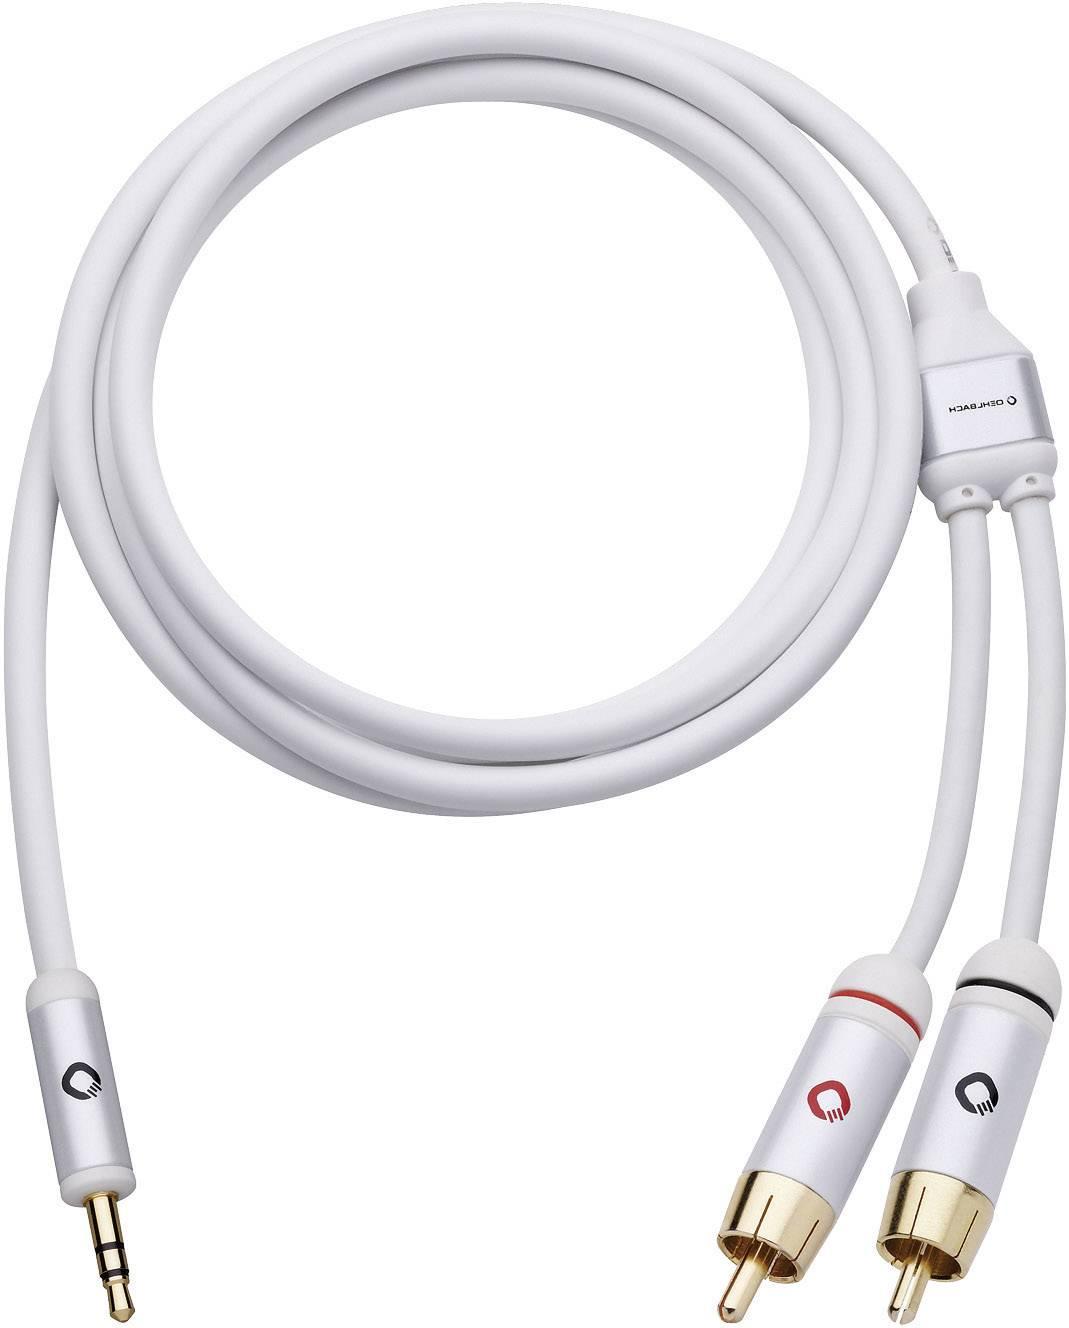 Cinch / jack audio prepojovací kábel Oehlbach 60001, 1.50 m, biela